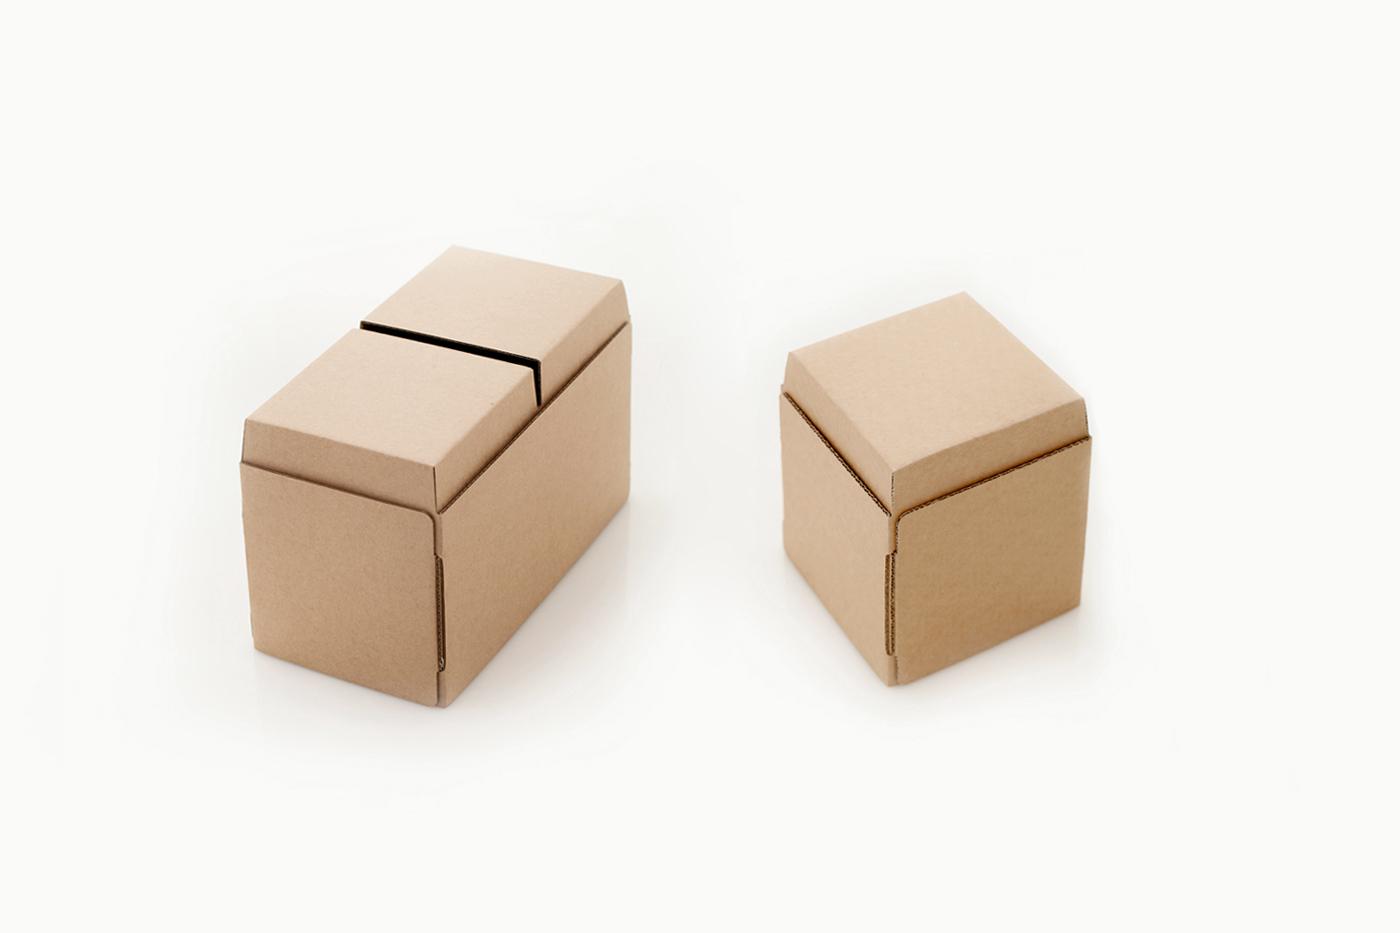 GIGI cardboard building bloks 4 erlands design erlandscom.jpg